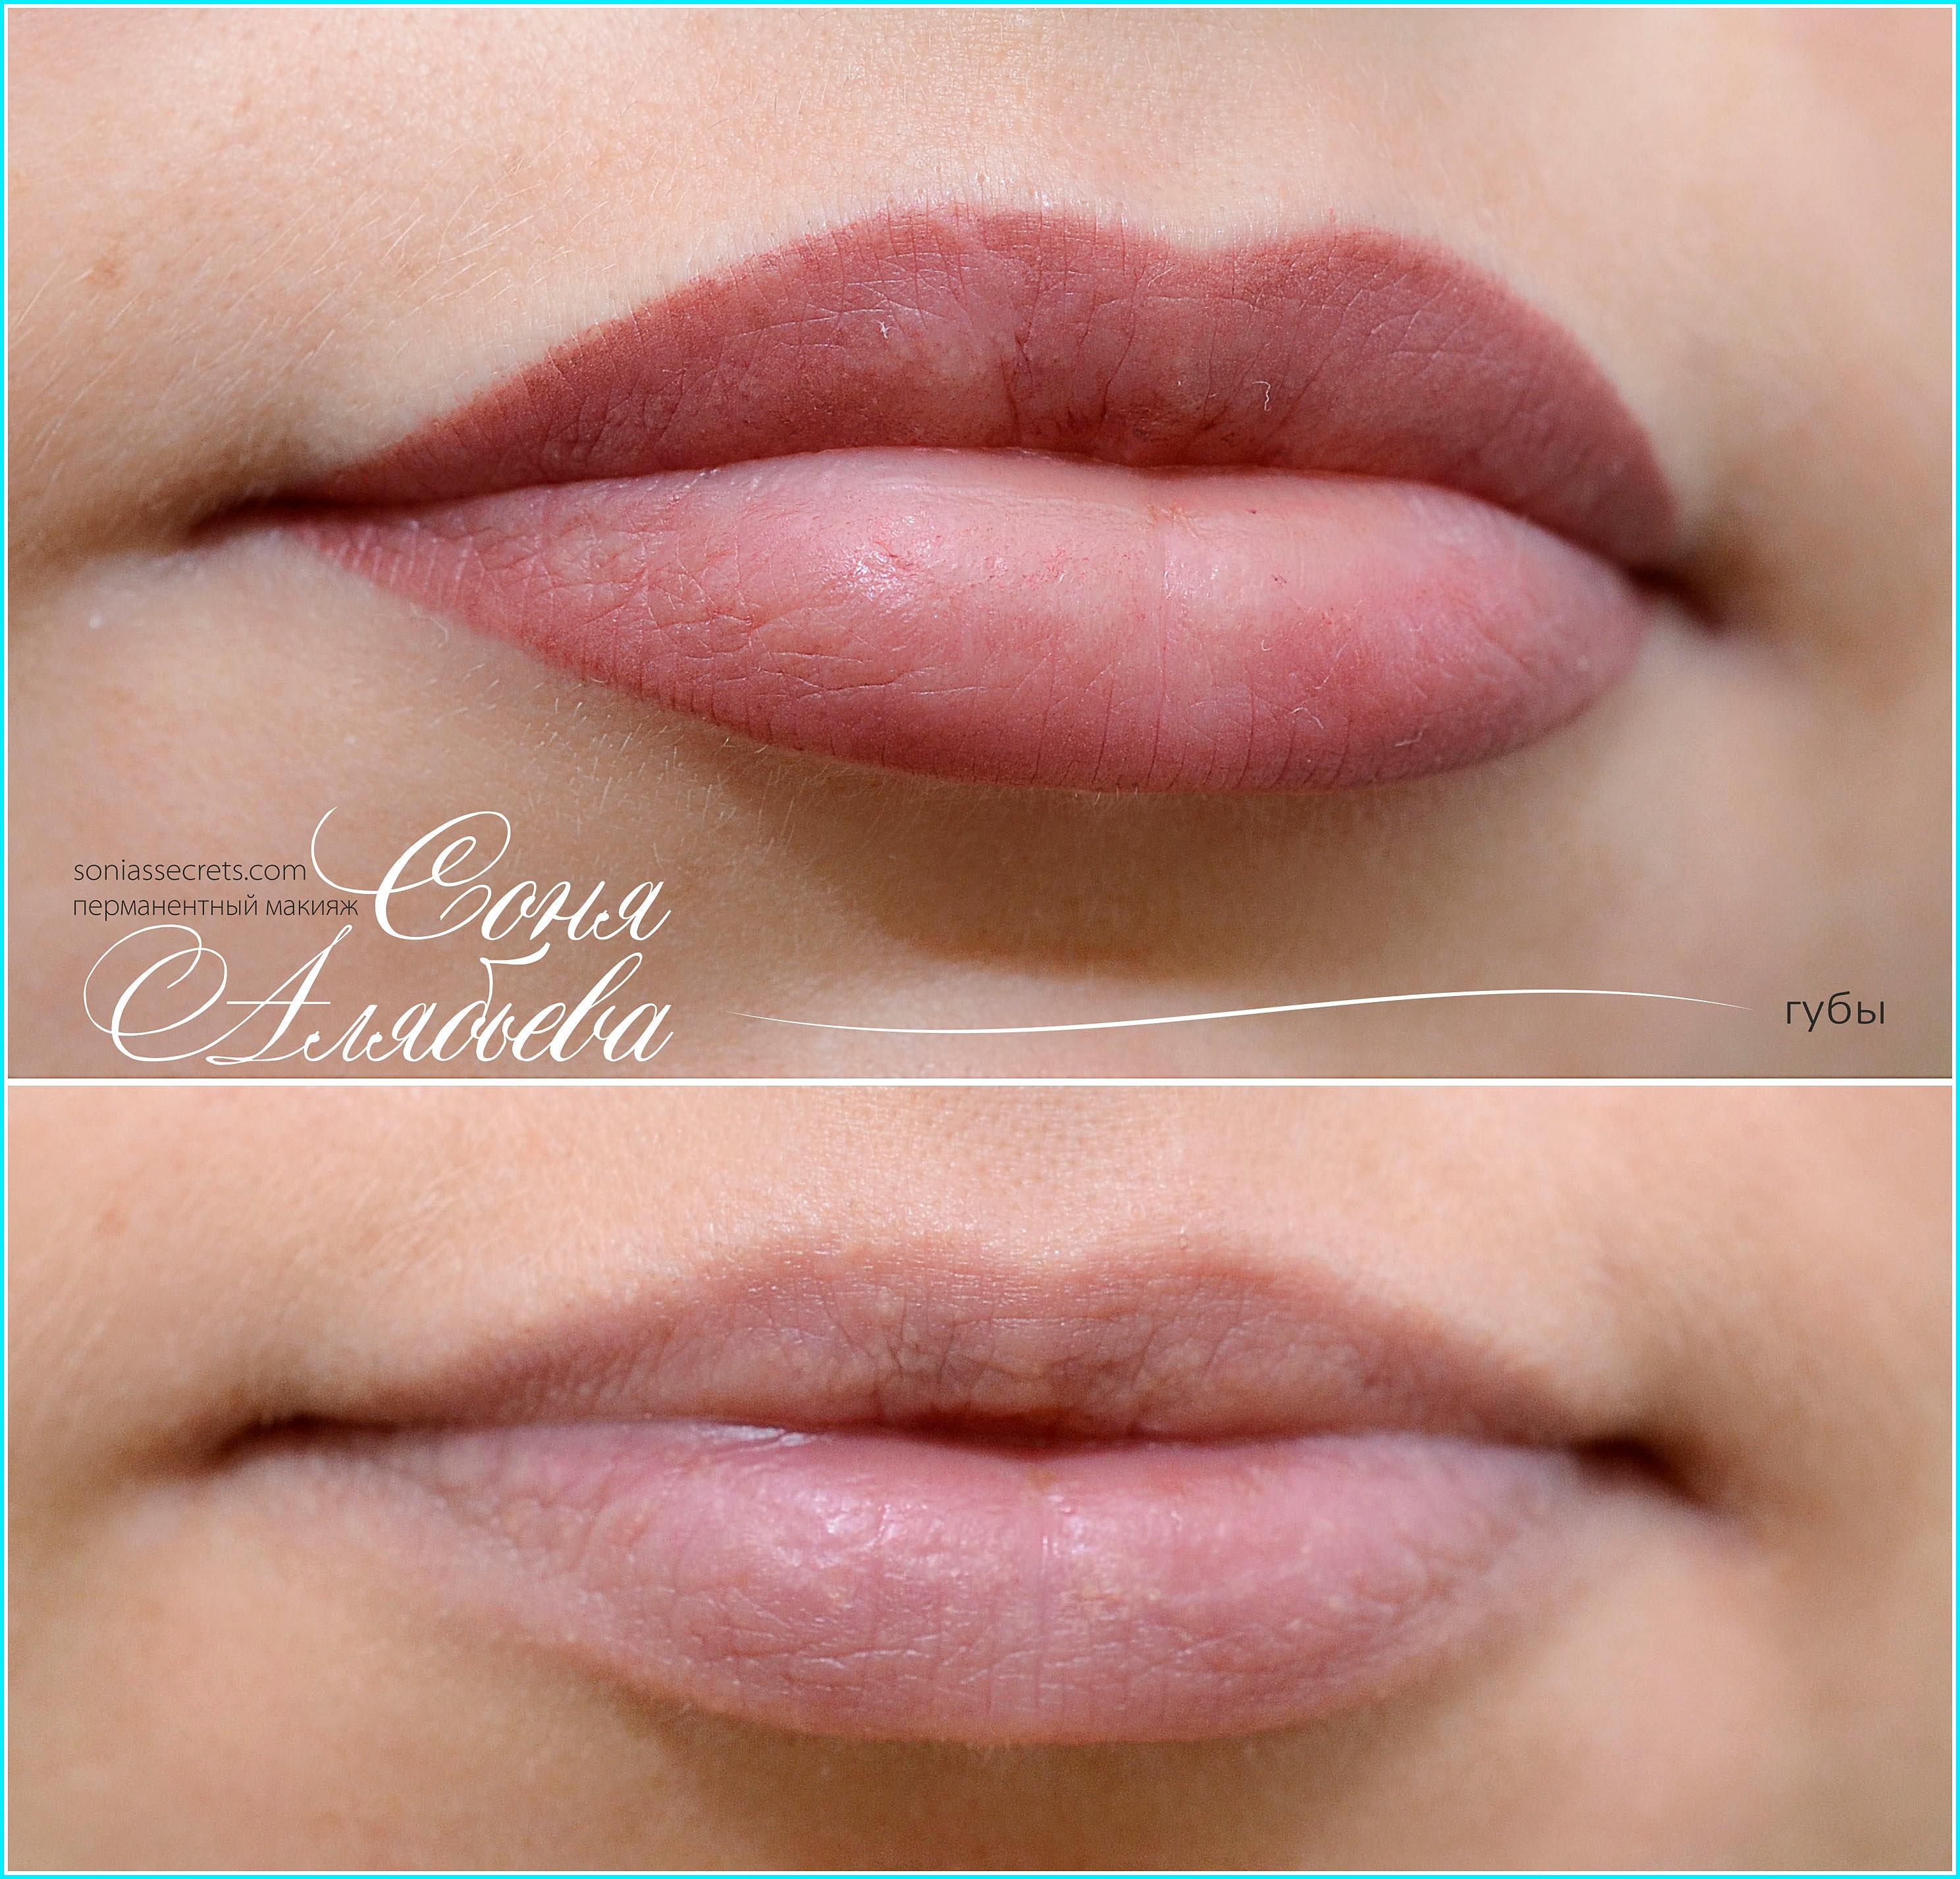 Перманентный макияж губы контур с растушевкой фото